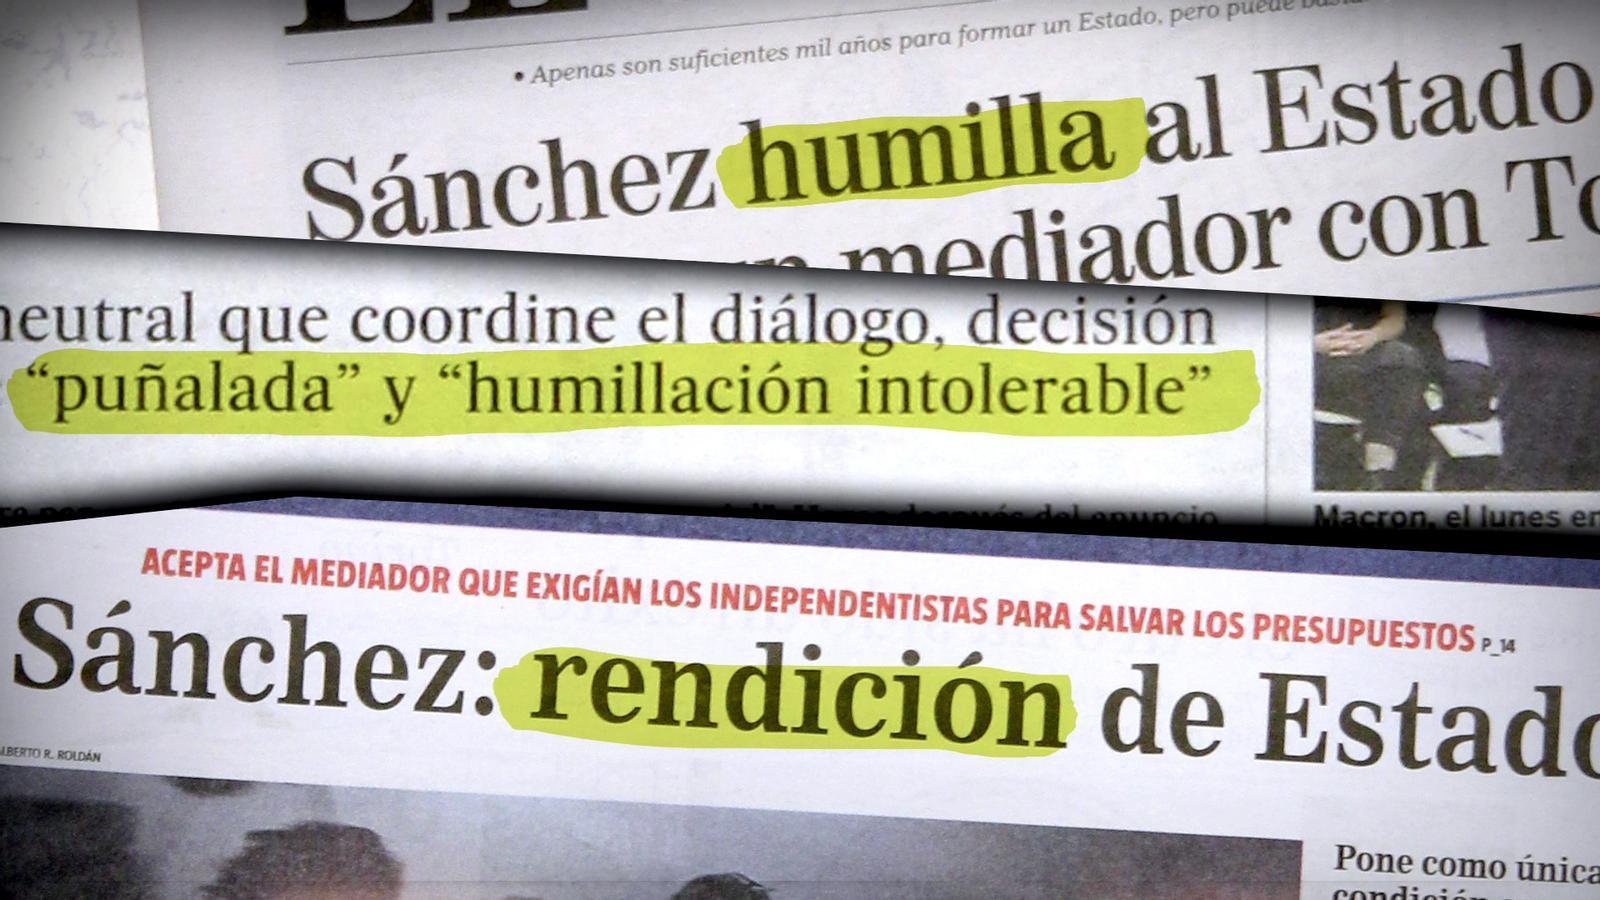 L'anàlisi d'Antoni Bassas: 'El relator, la humiliació a l'Estat i altres apocalipsis zombis'